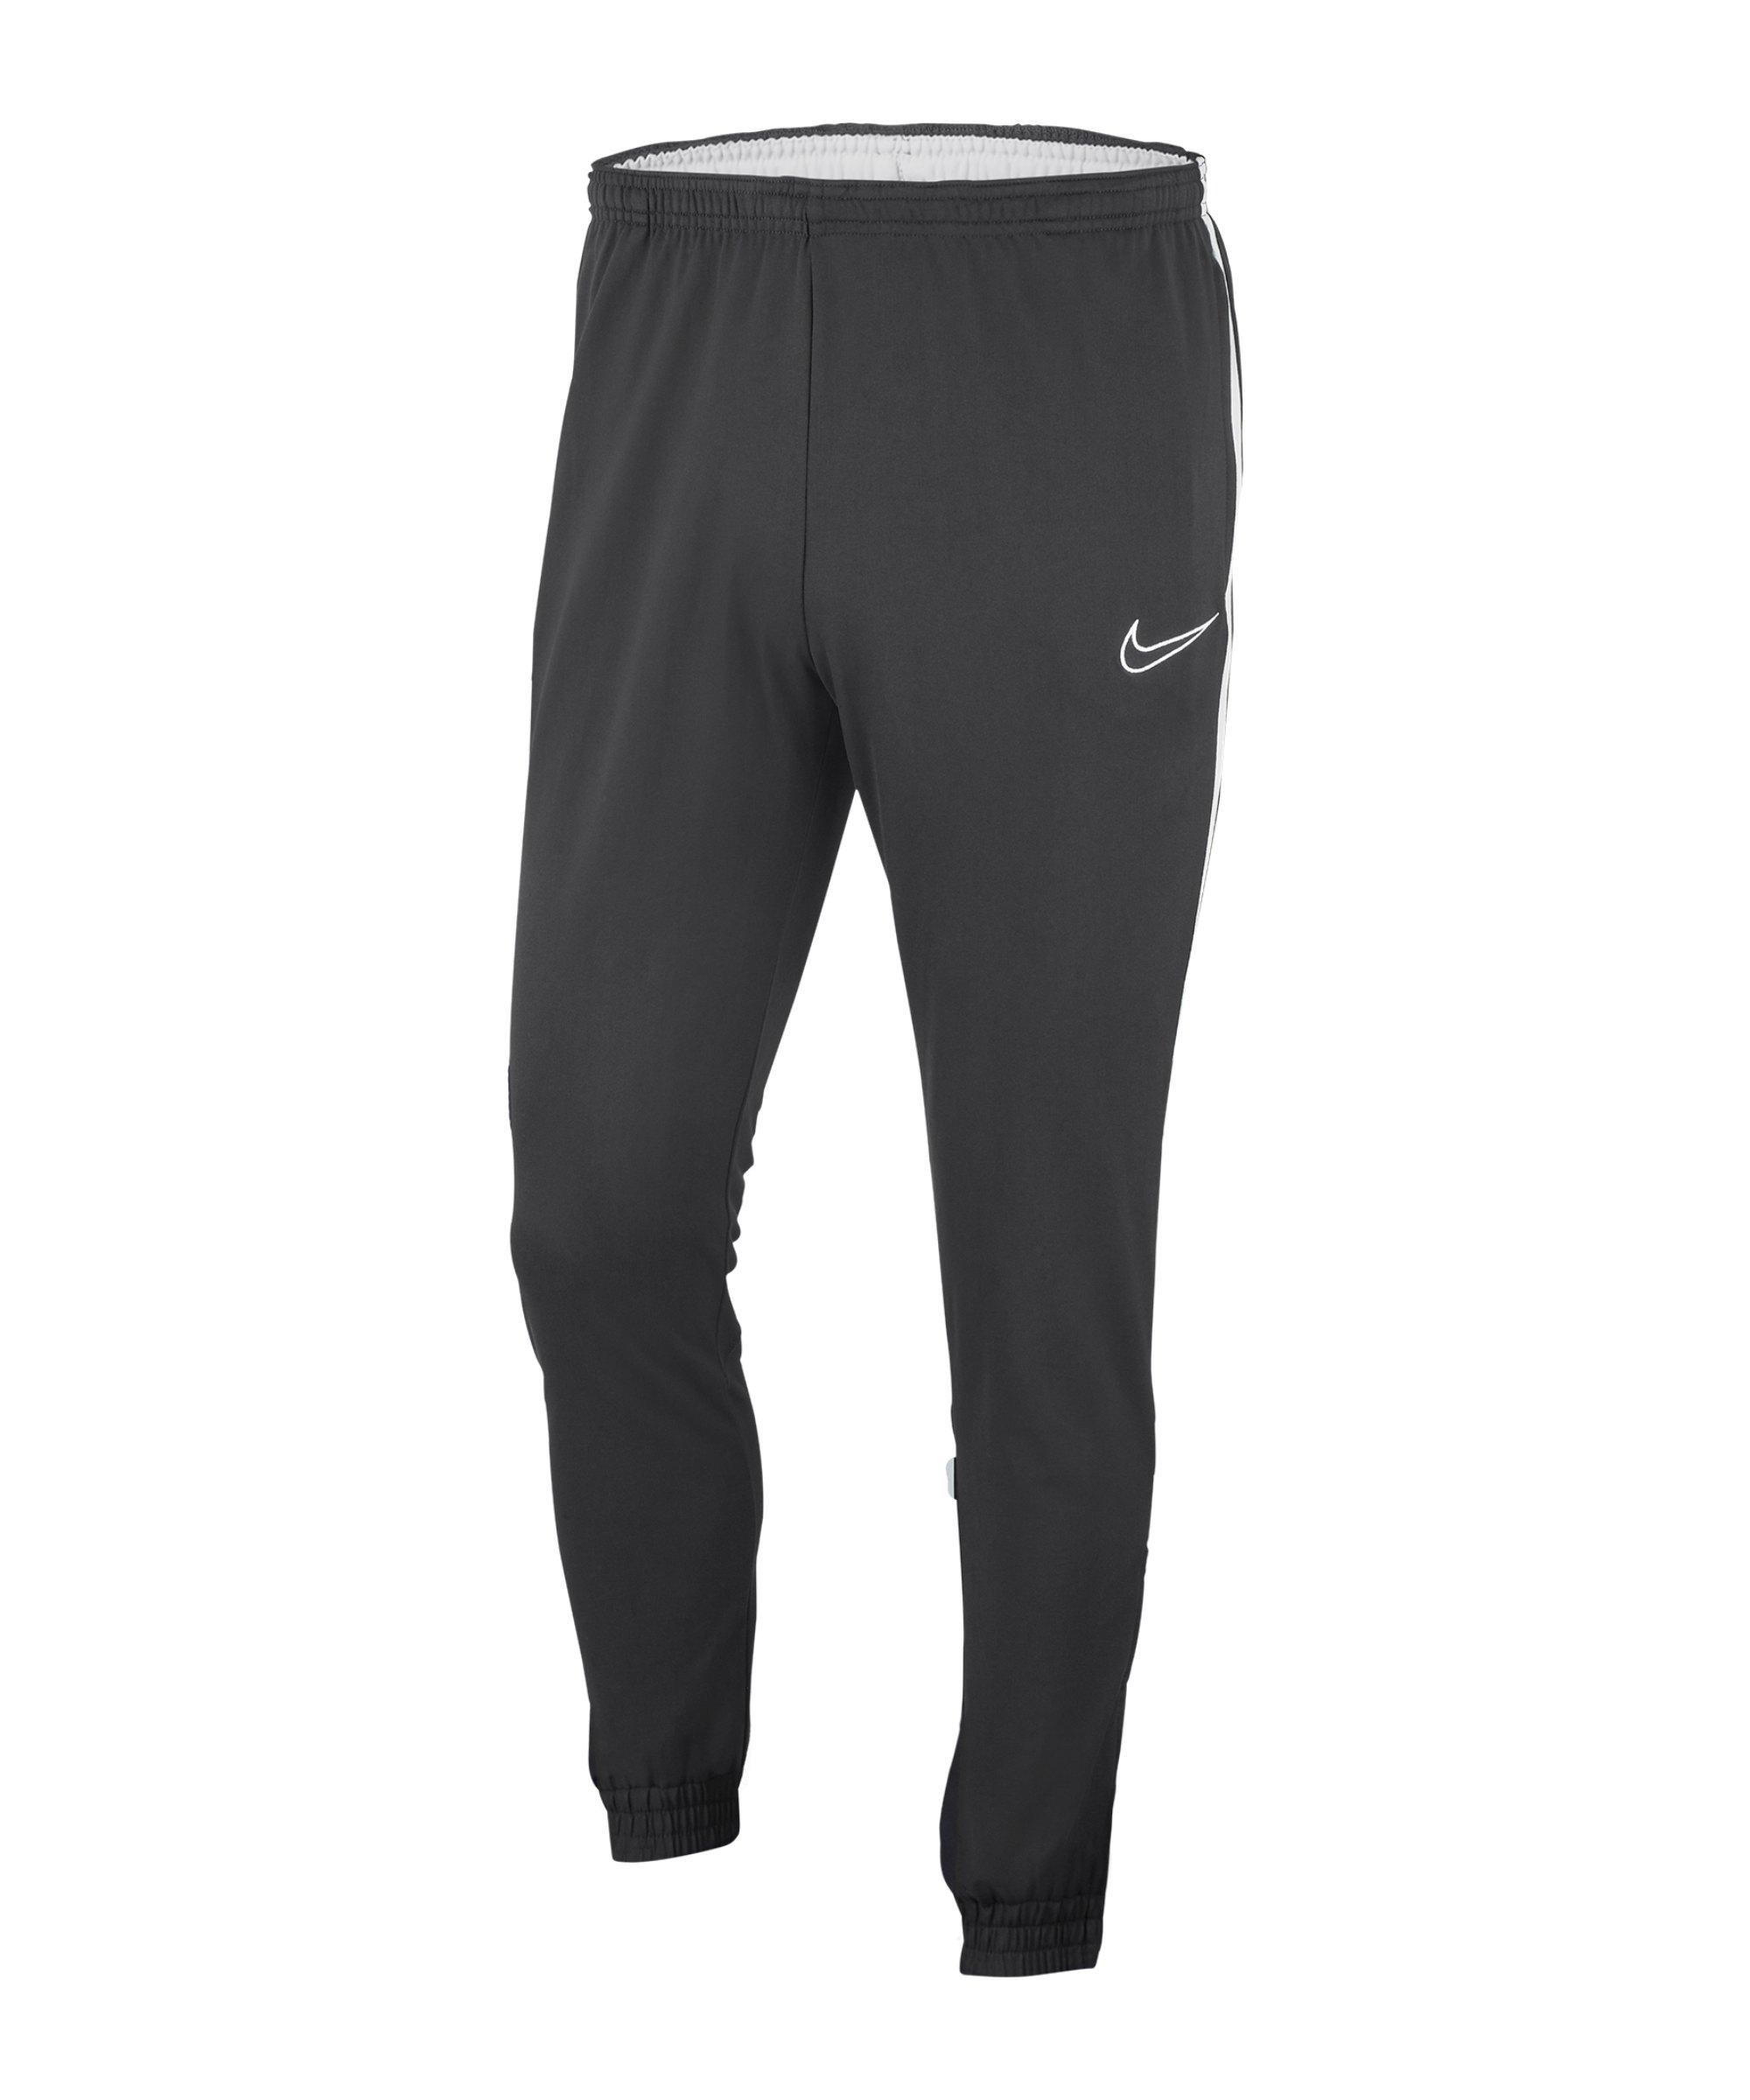 Nike Academy 19 Pant Trainingshose Kids F060 - grau